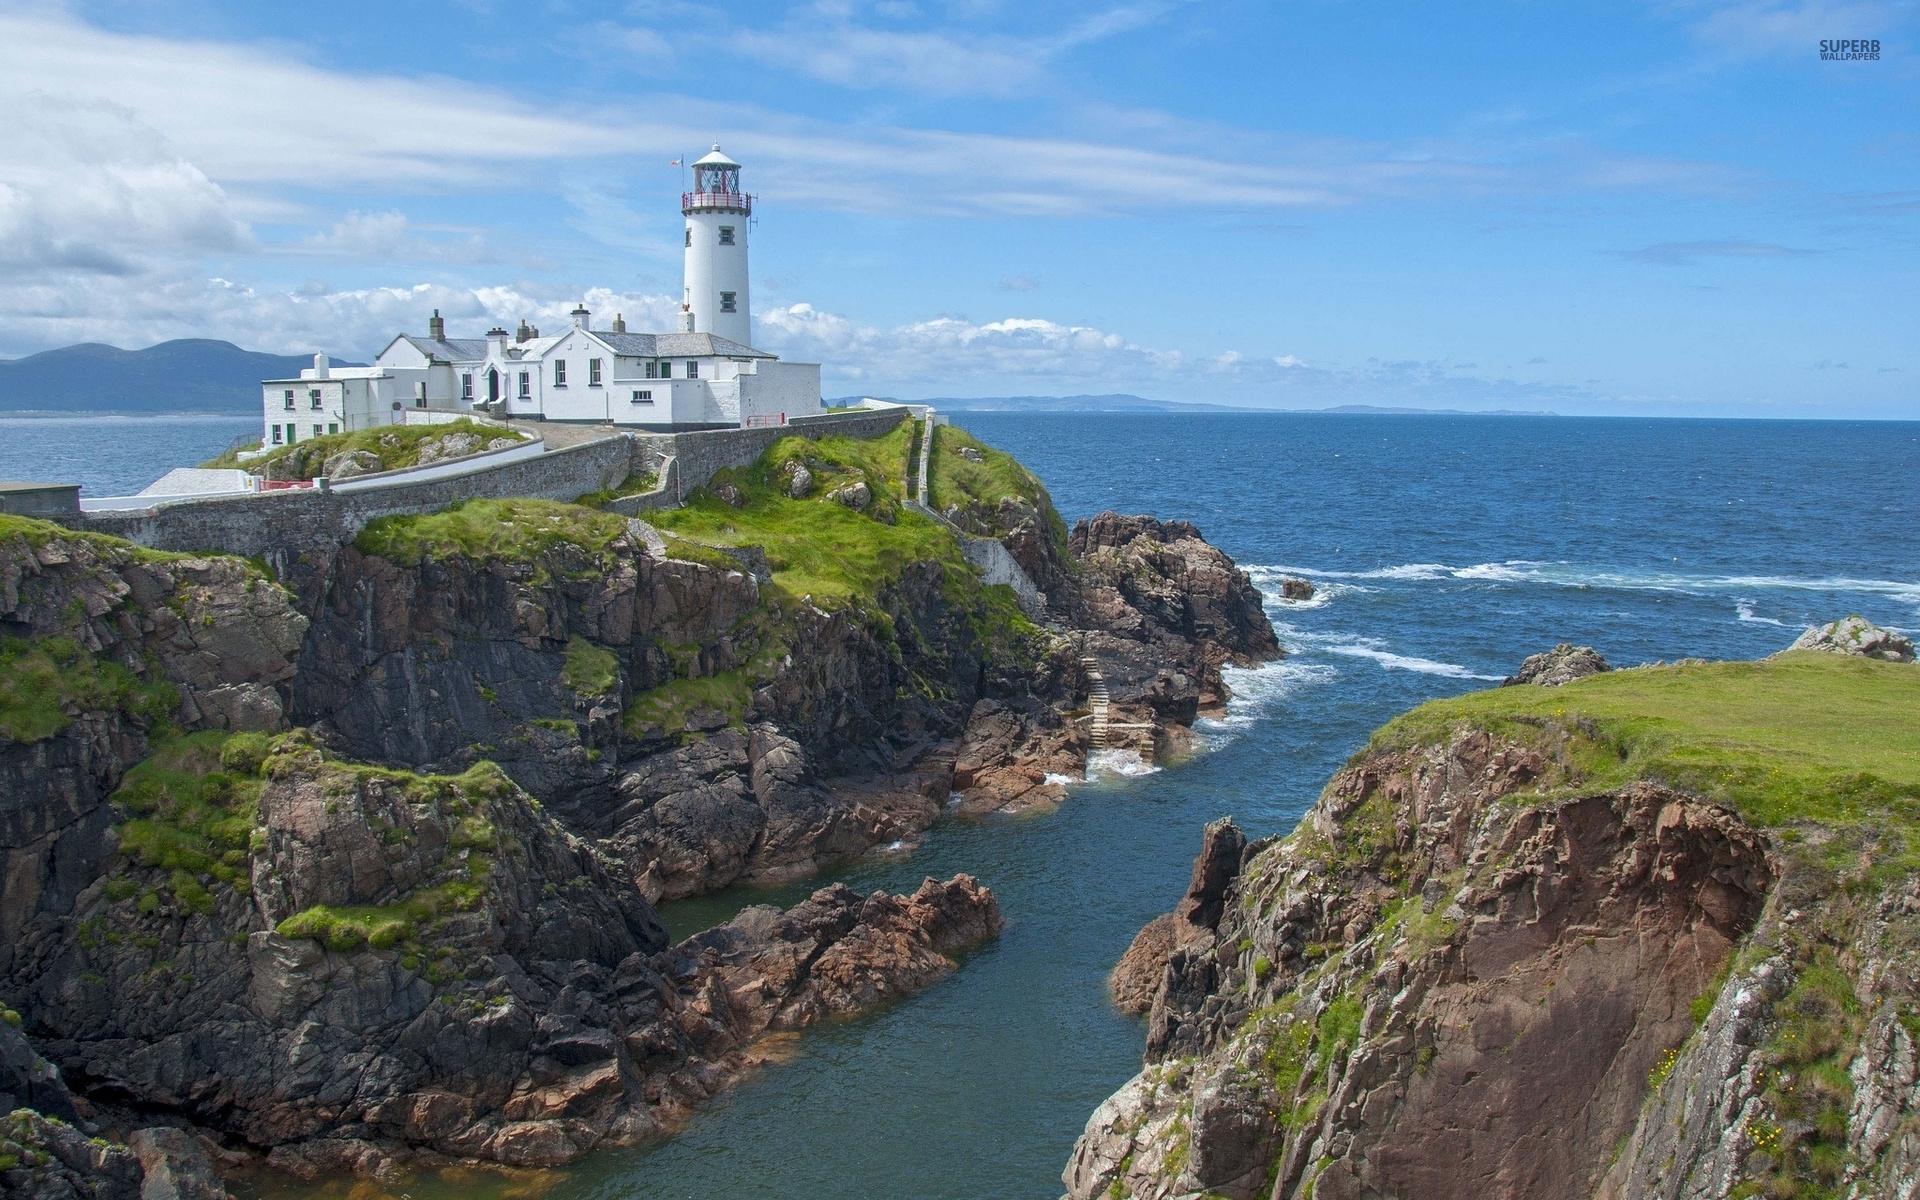 Location de voiliers en Irlande